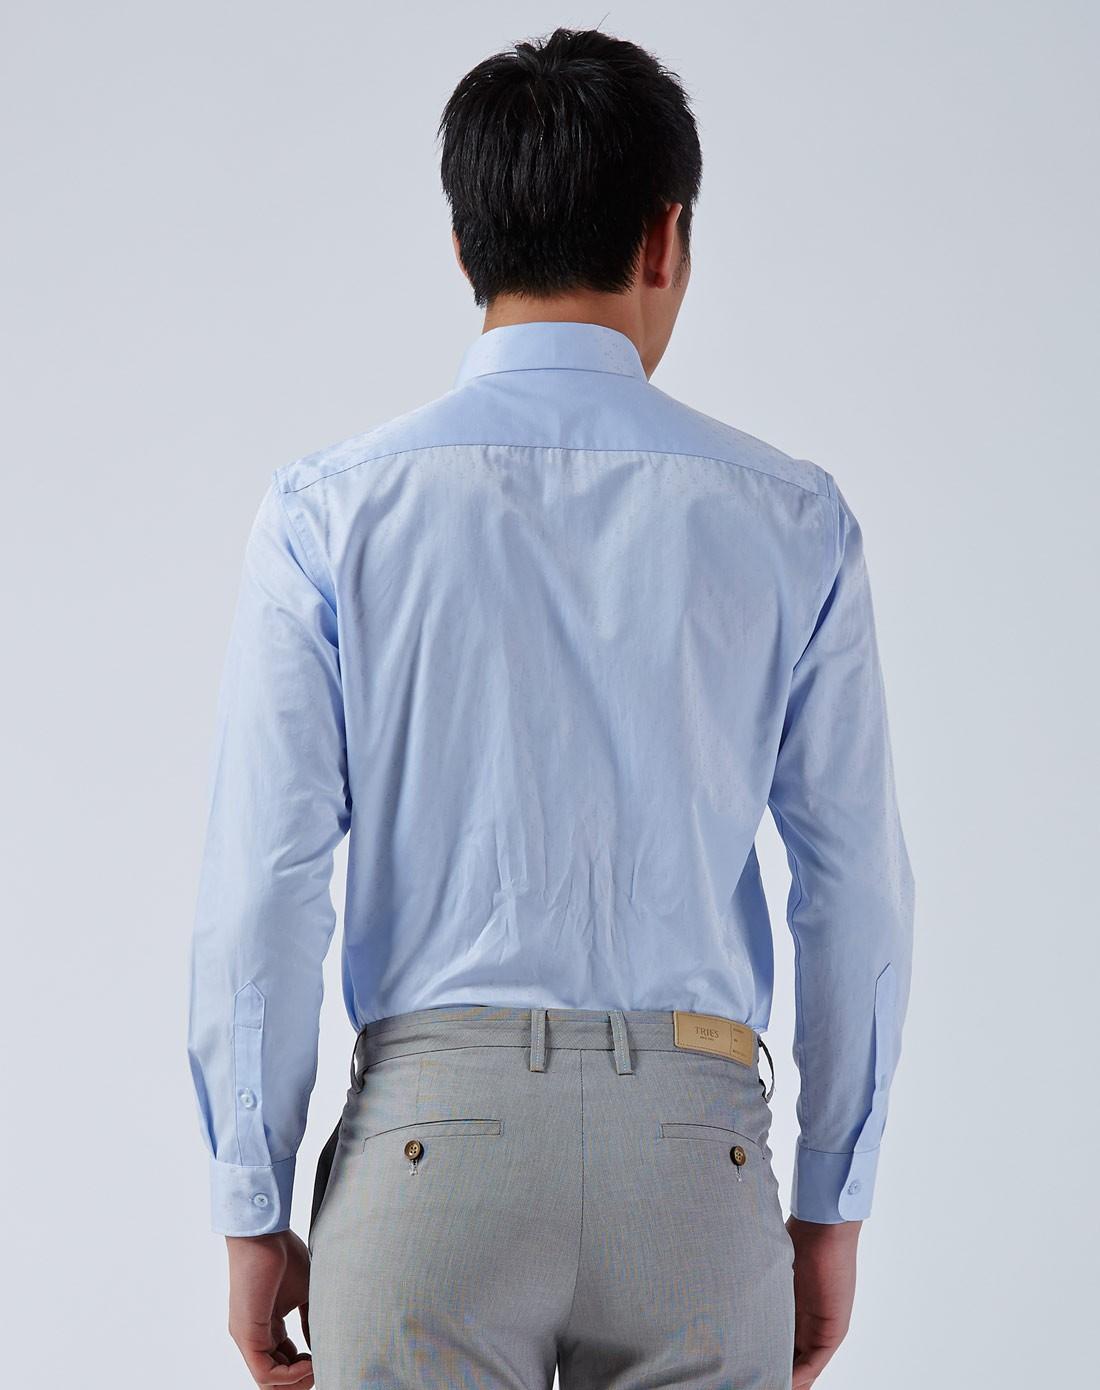 男装蓝色衬衫